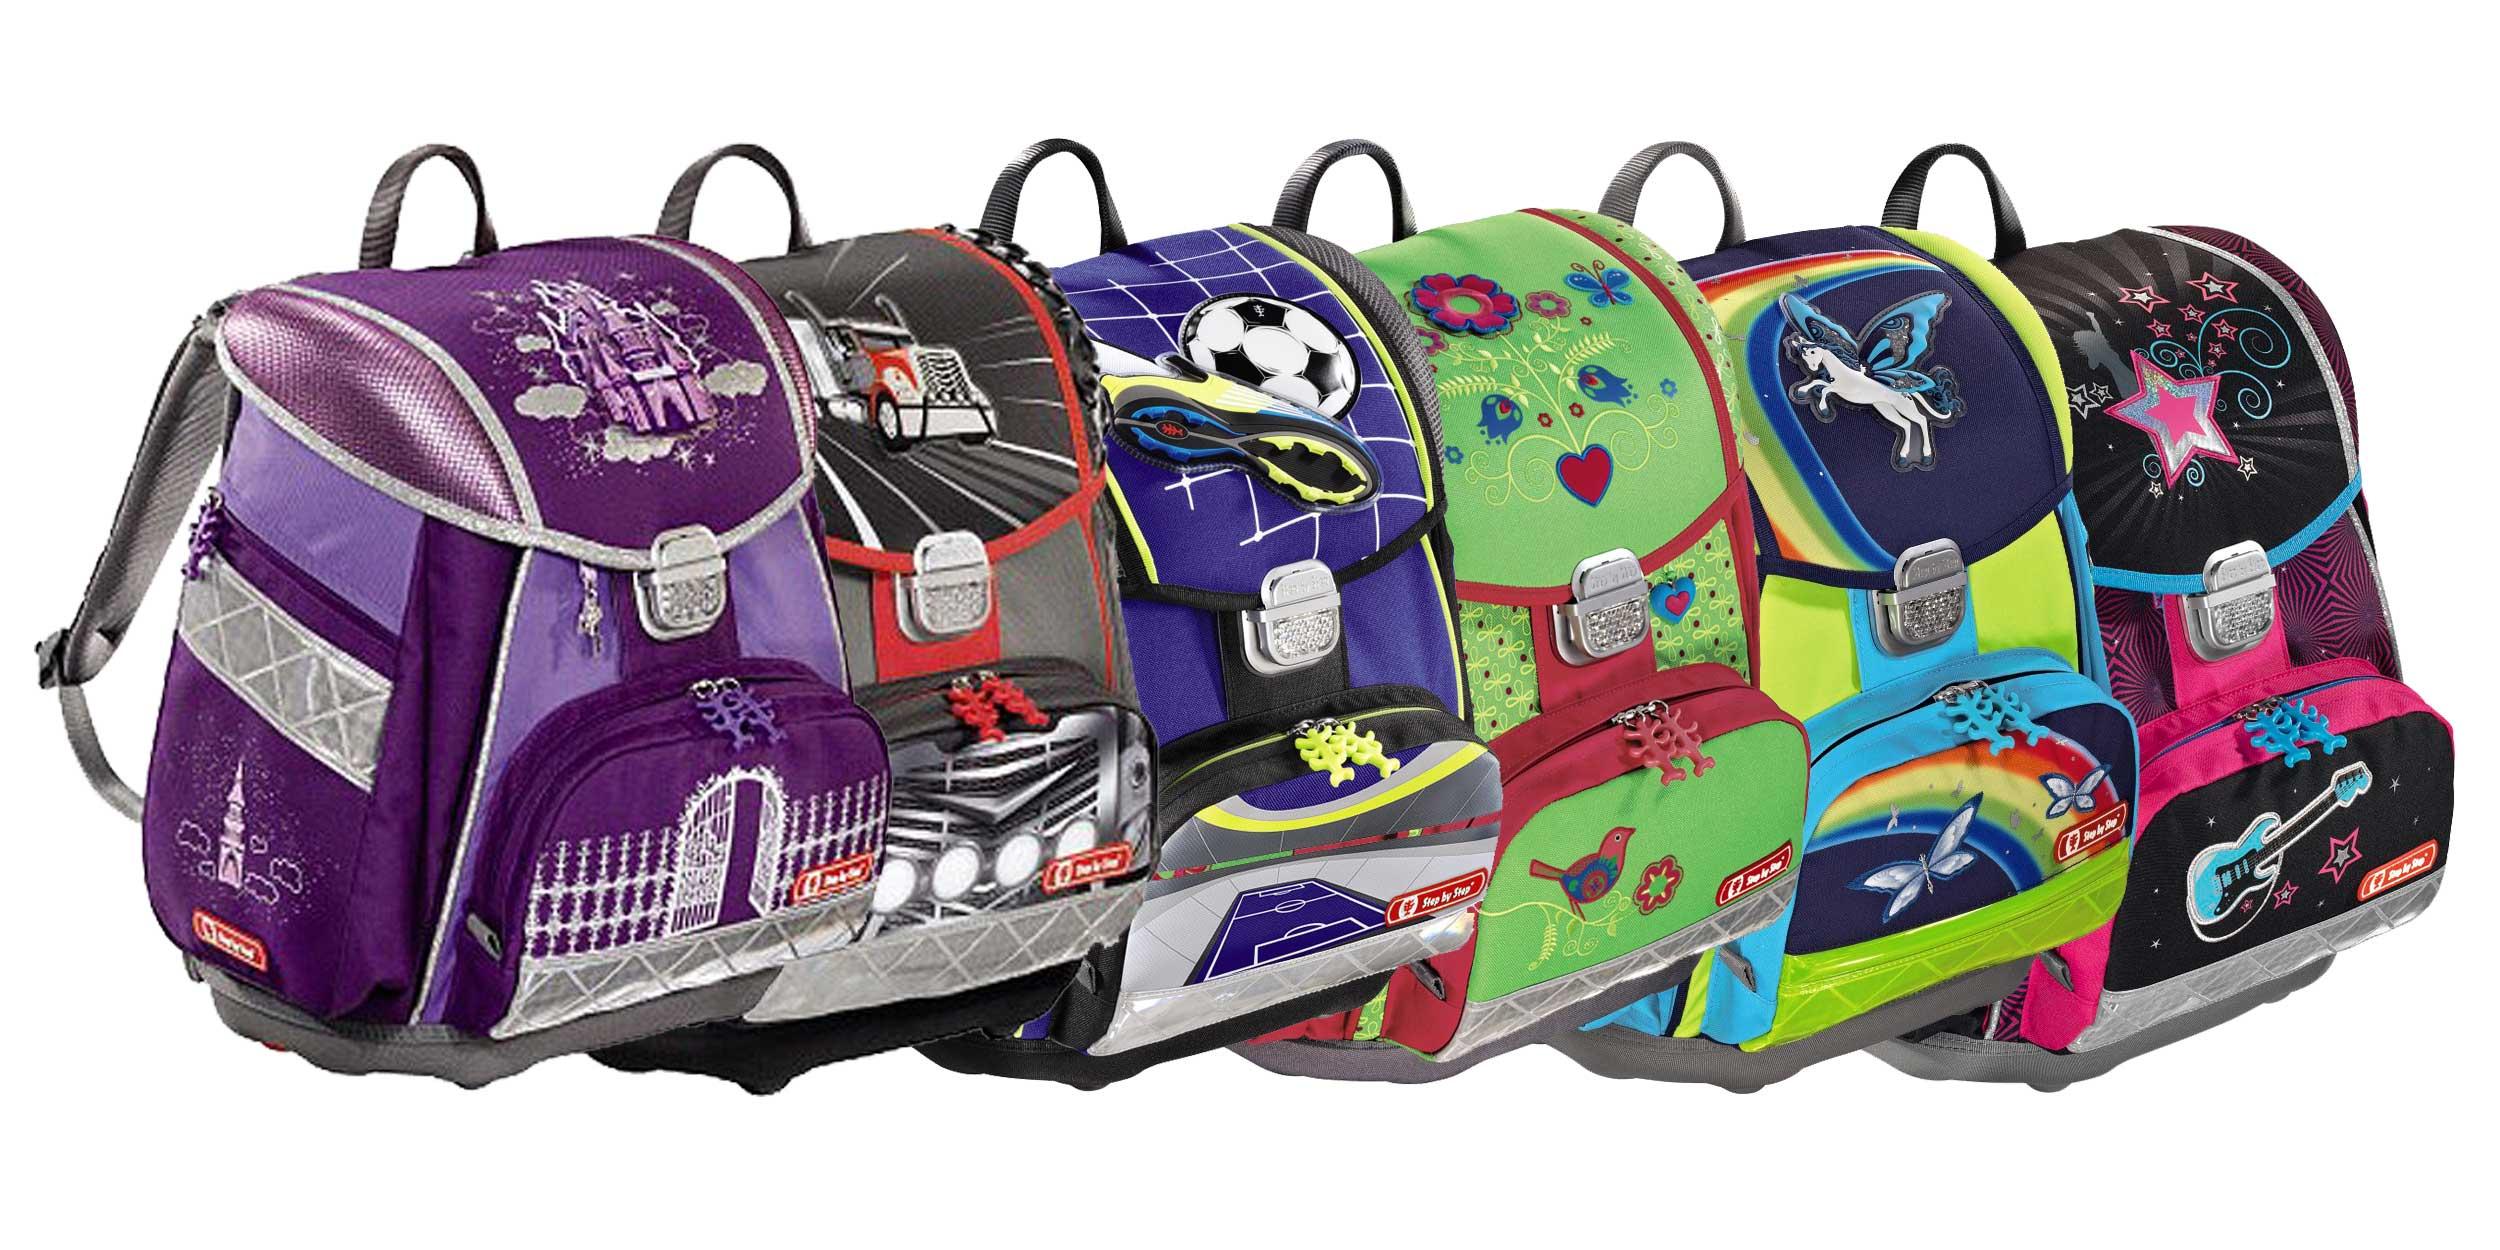 ab21aef043 Školské tašky v akcii online predaj eshop cena